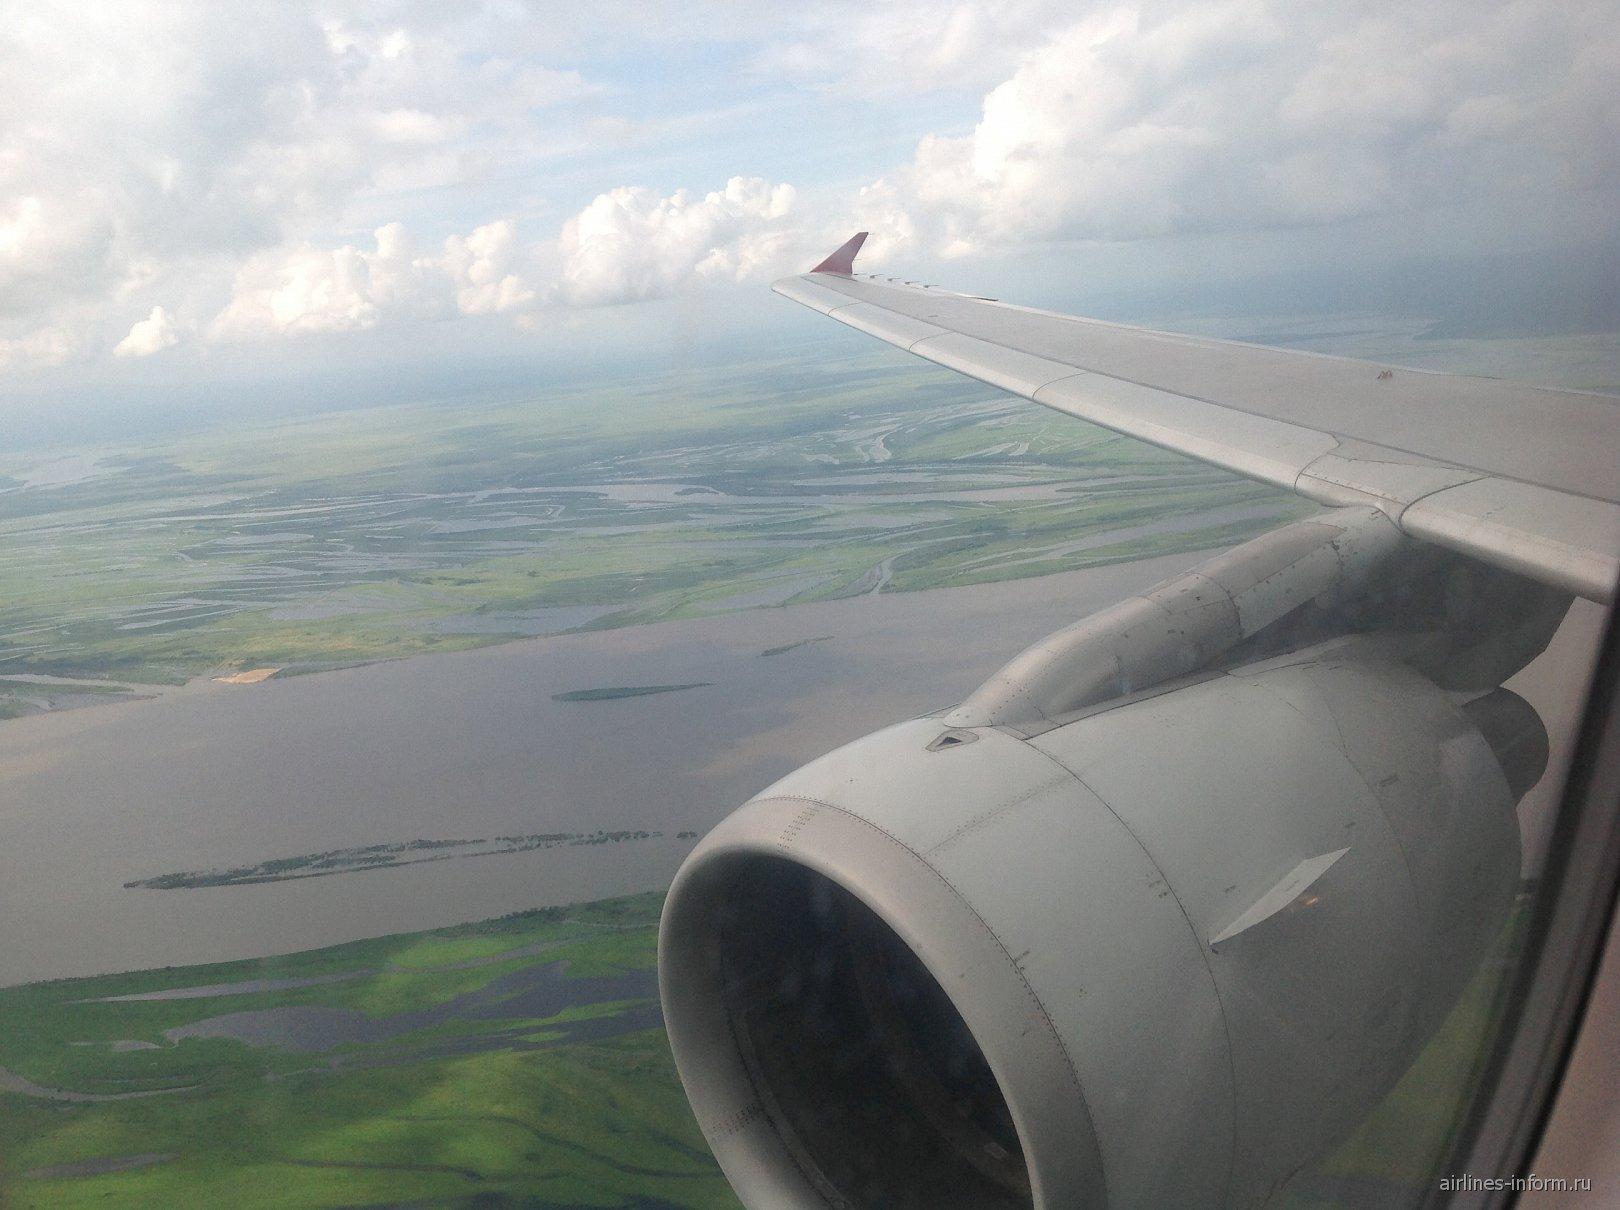 Вид на реку Амур из иллюминатора